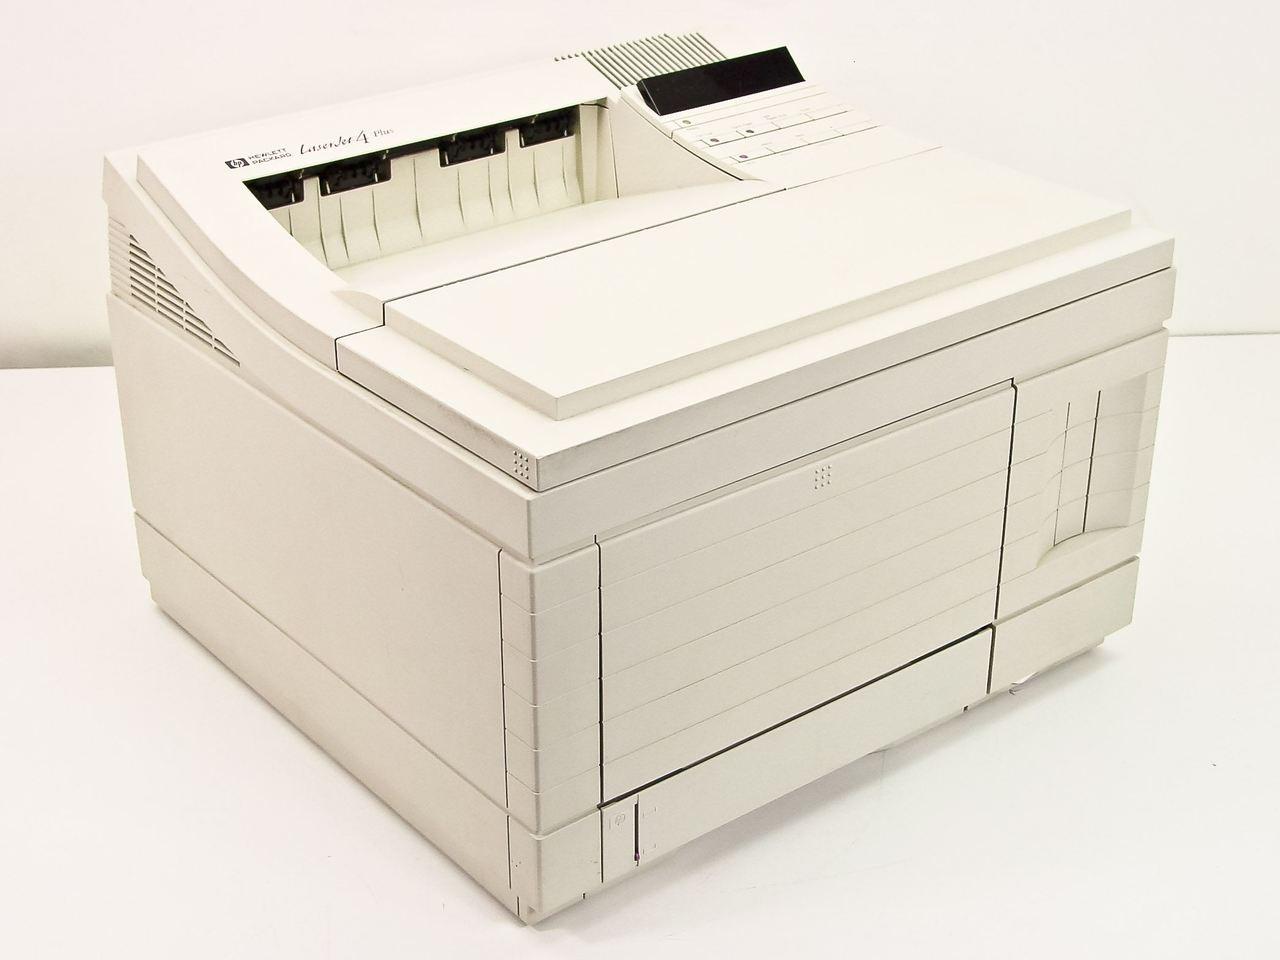 hp laserjet 4 plus c2037a manual